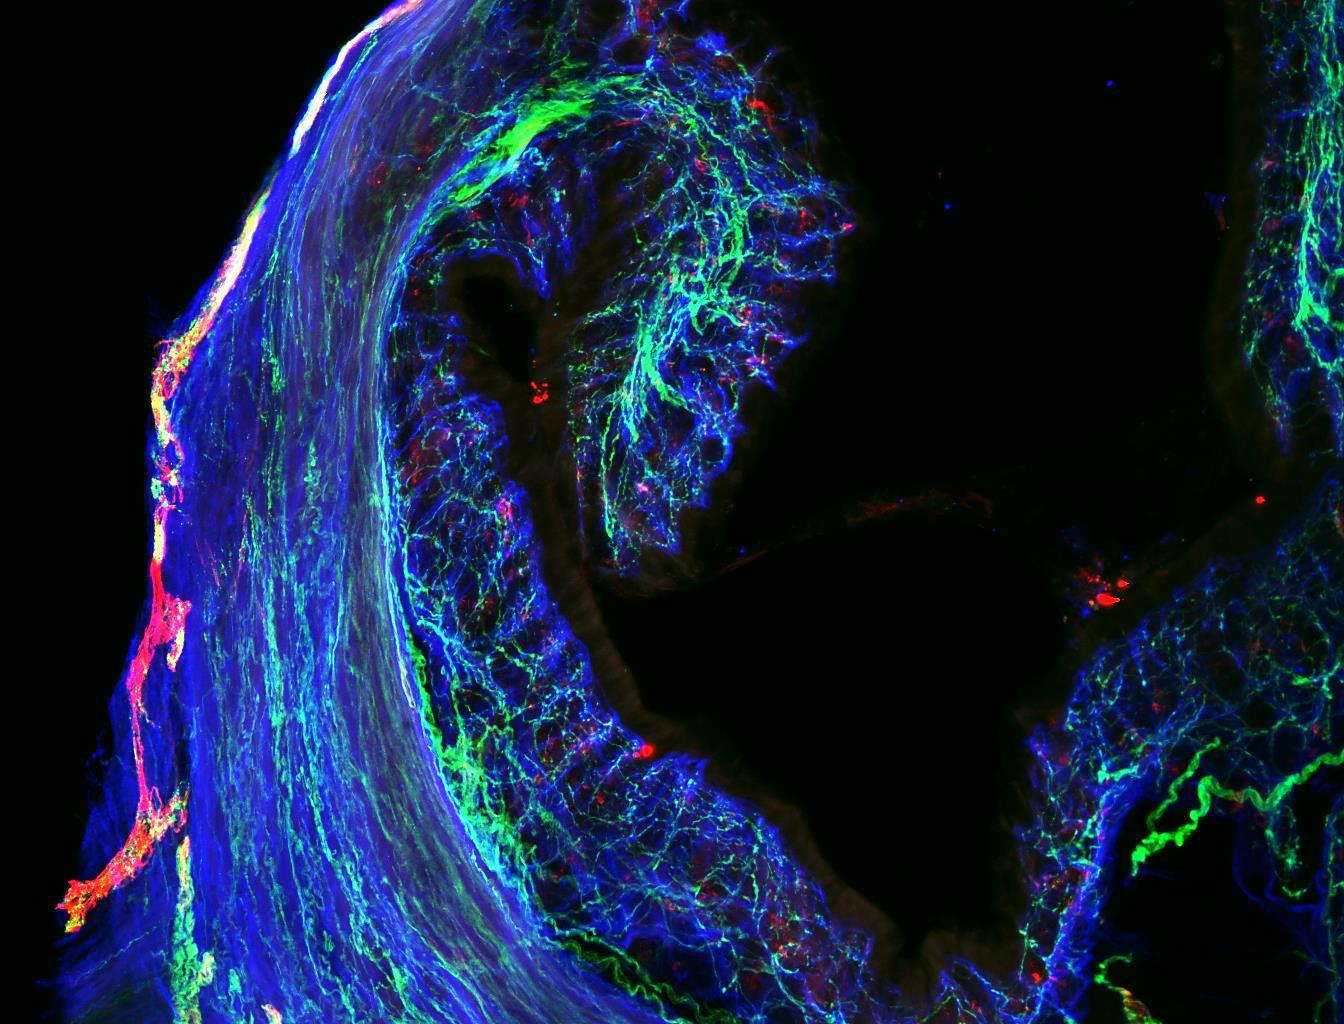 Mouse Colon Nerve Fibers